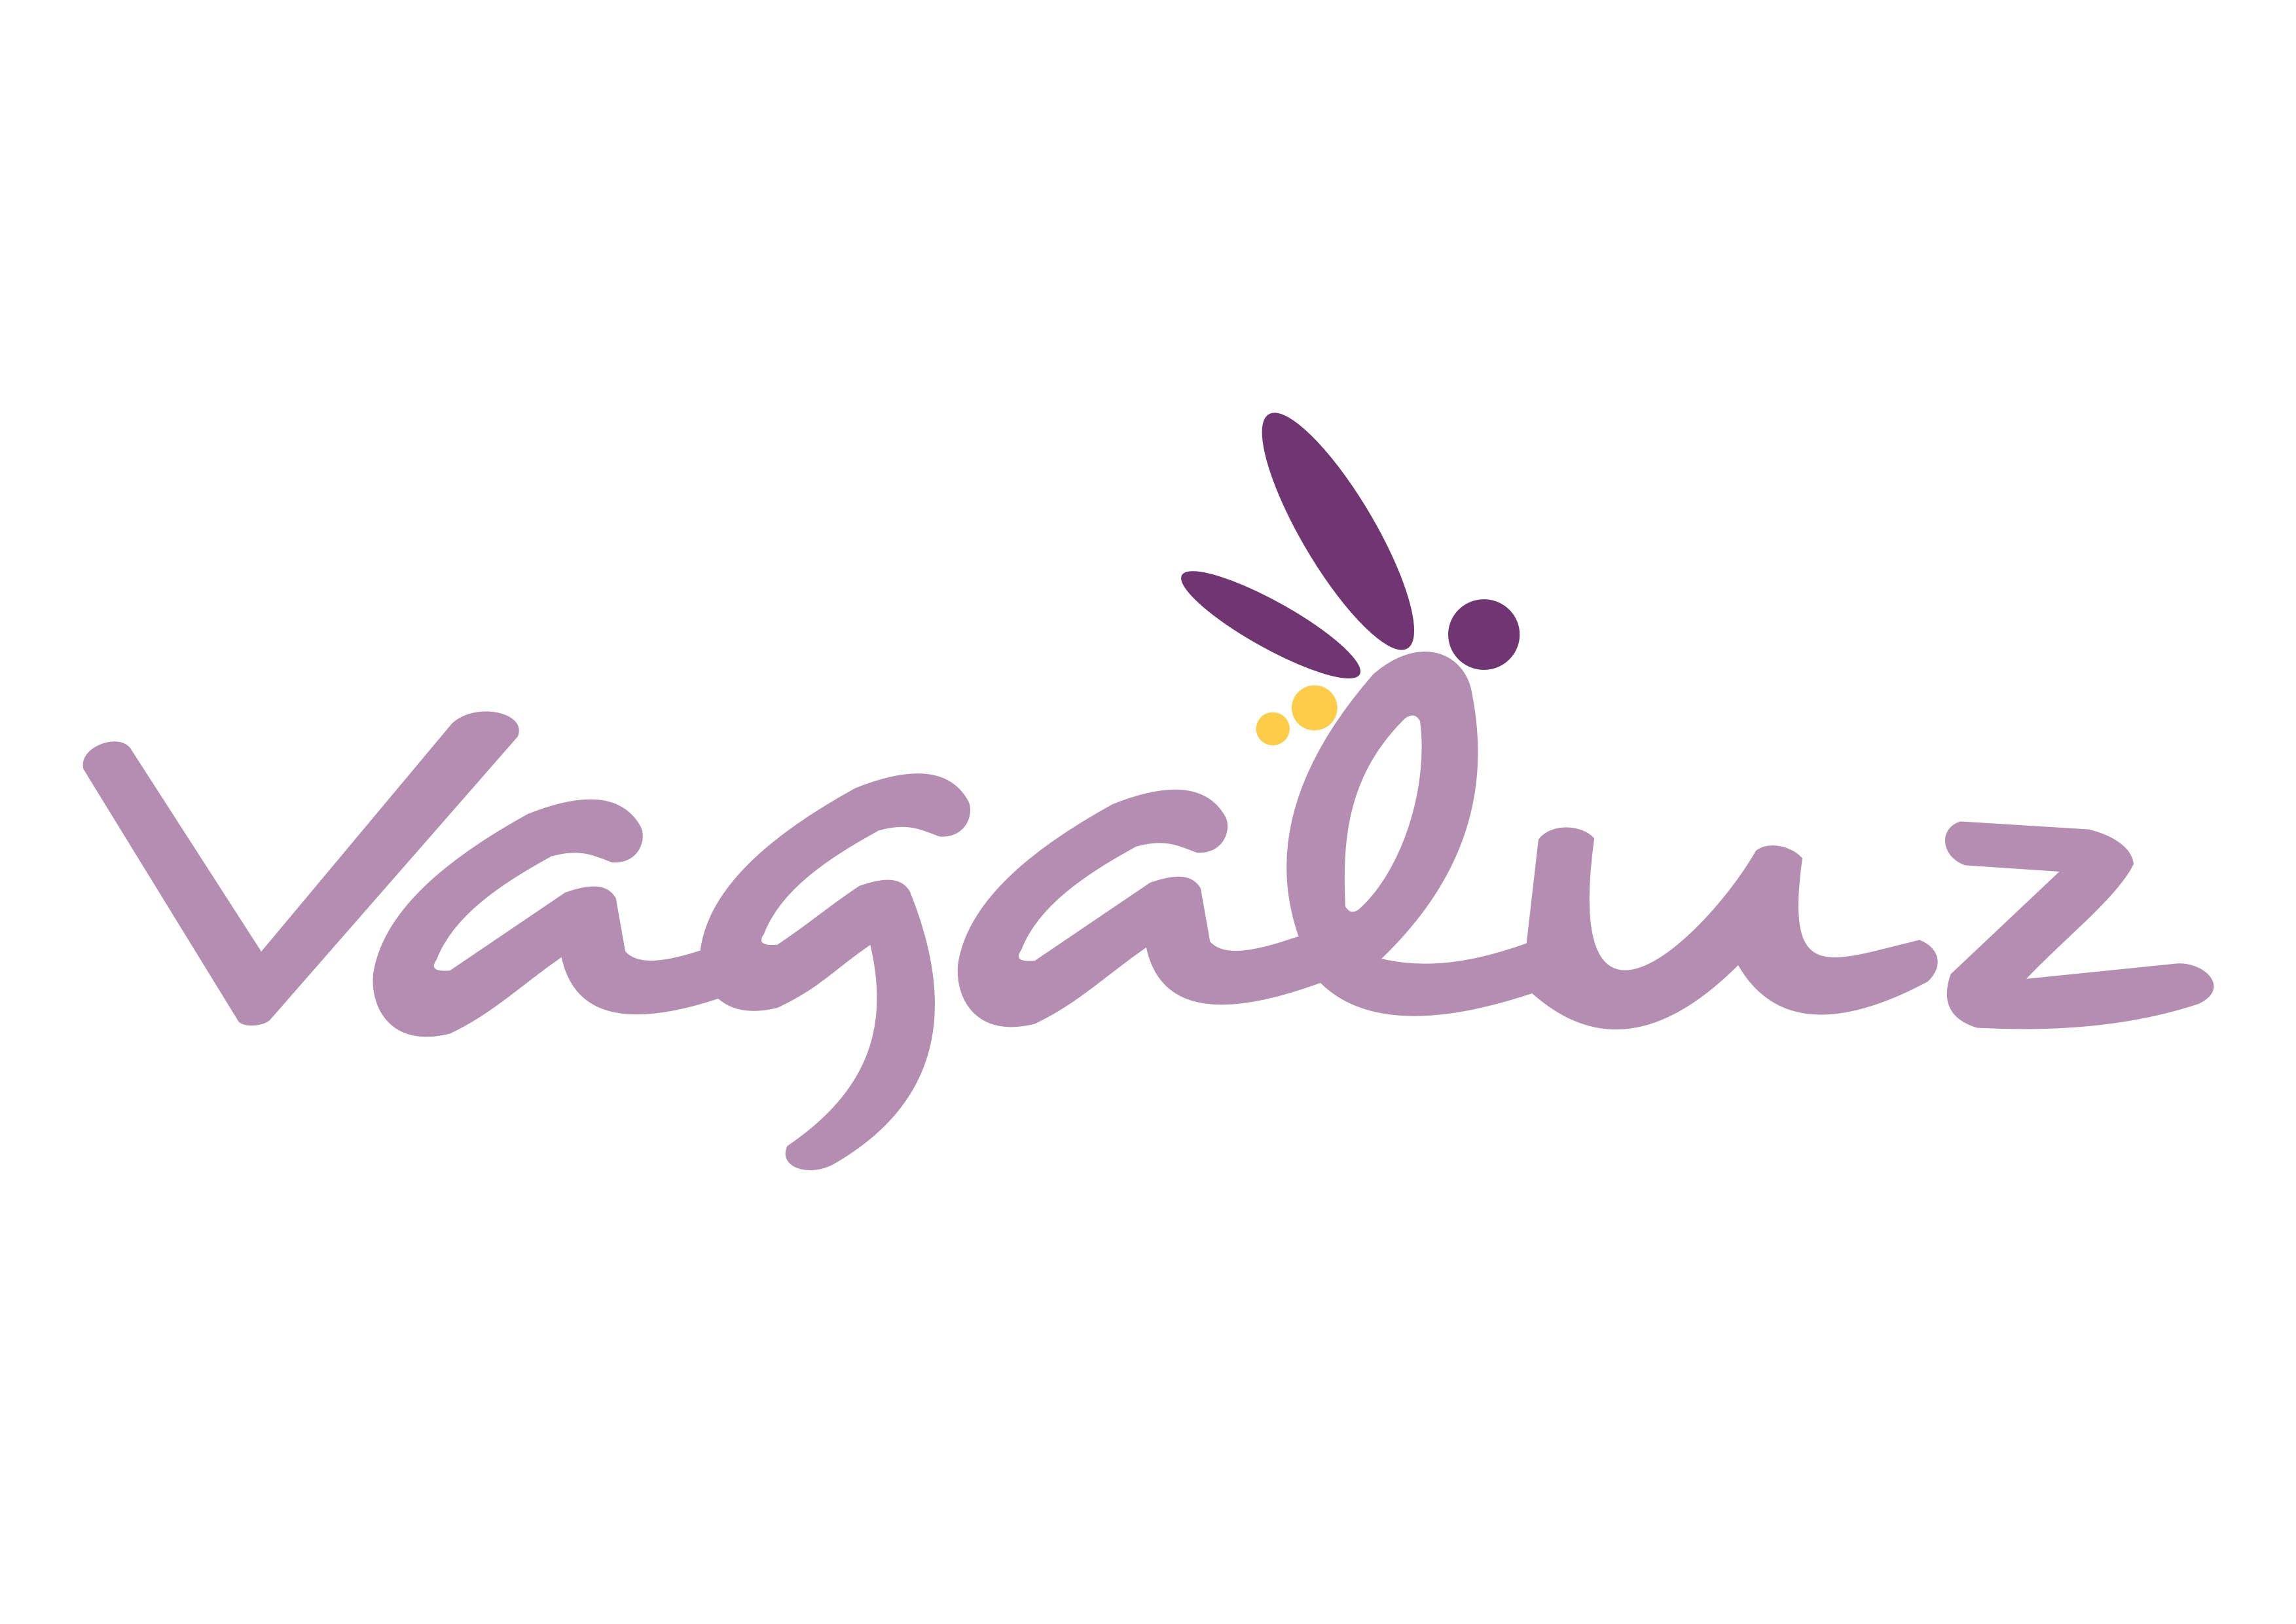 VAGALUZ